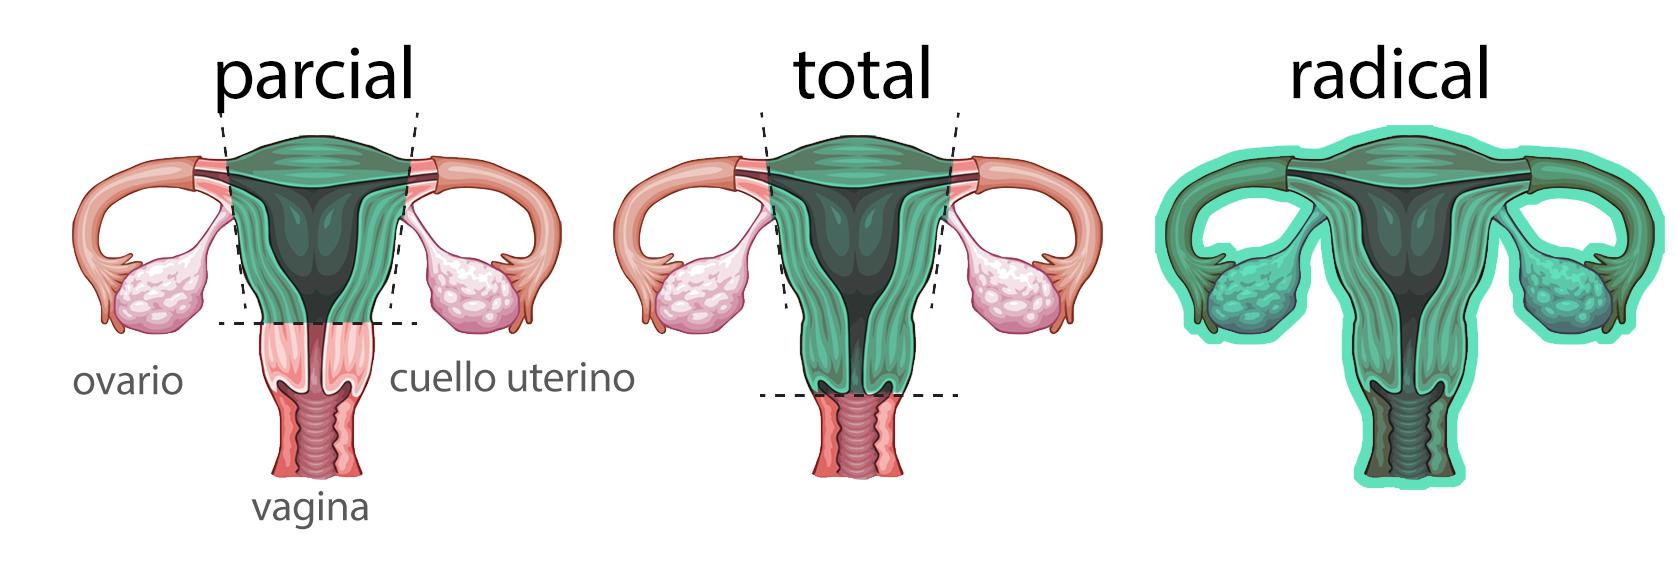 Por qué se debe realizar una histerectomía parcial o total